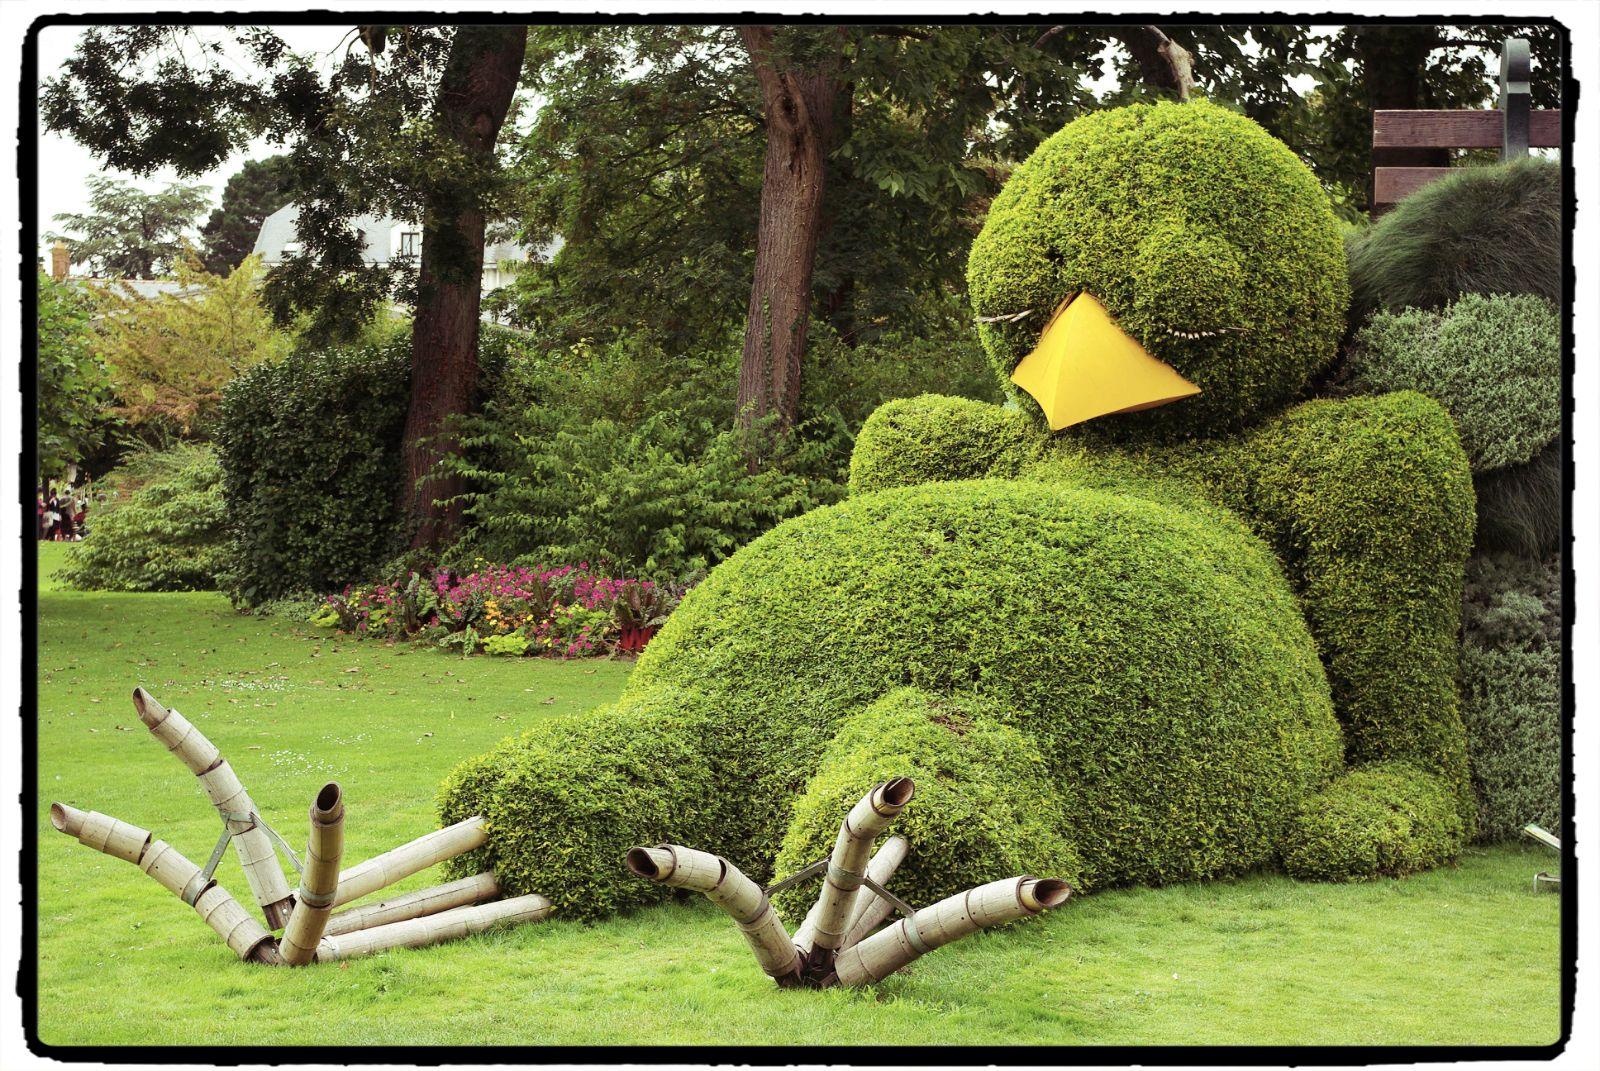 Le poussin 2014 de Claude Ponti... Jardin des plantes (Nantes ...